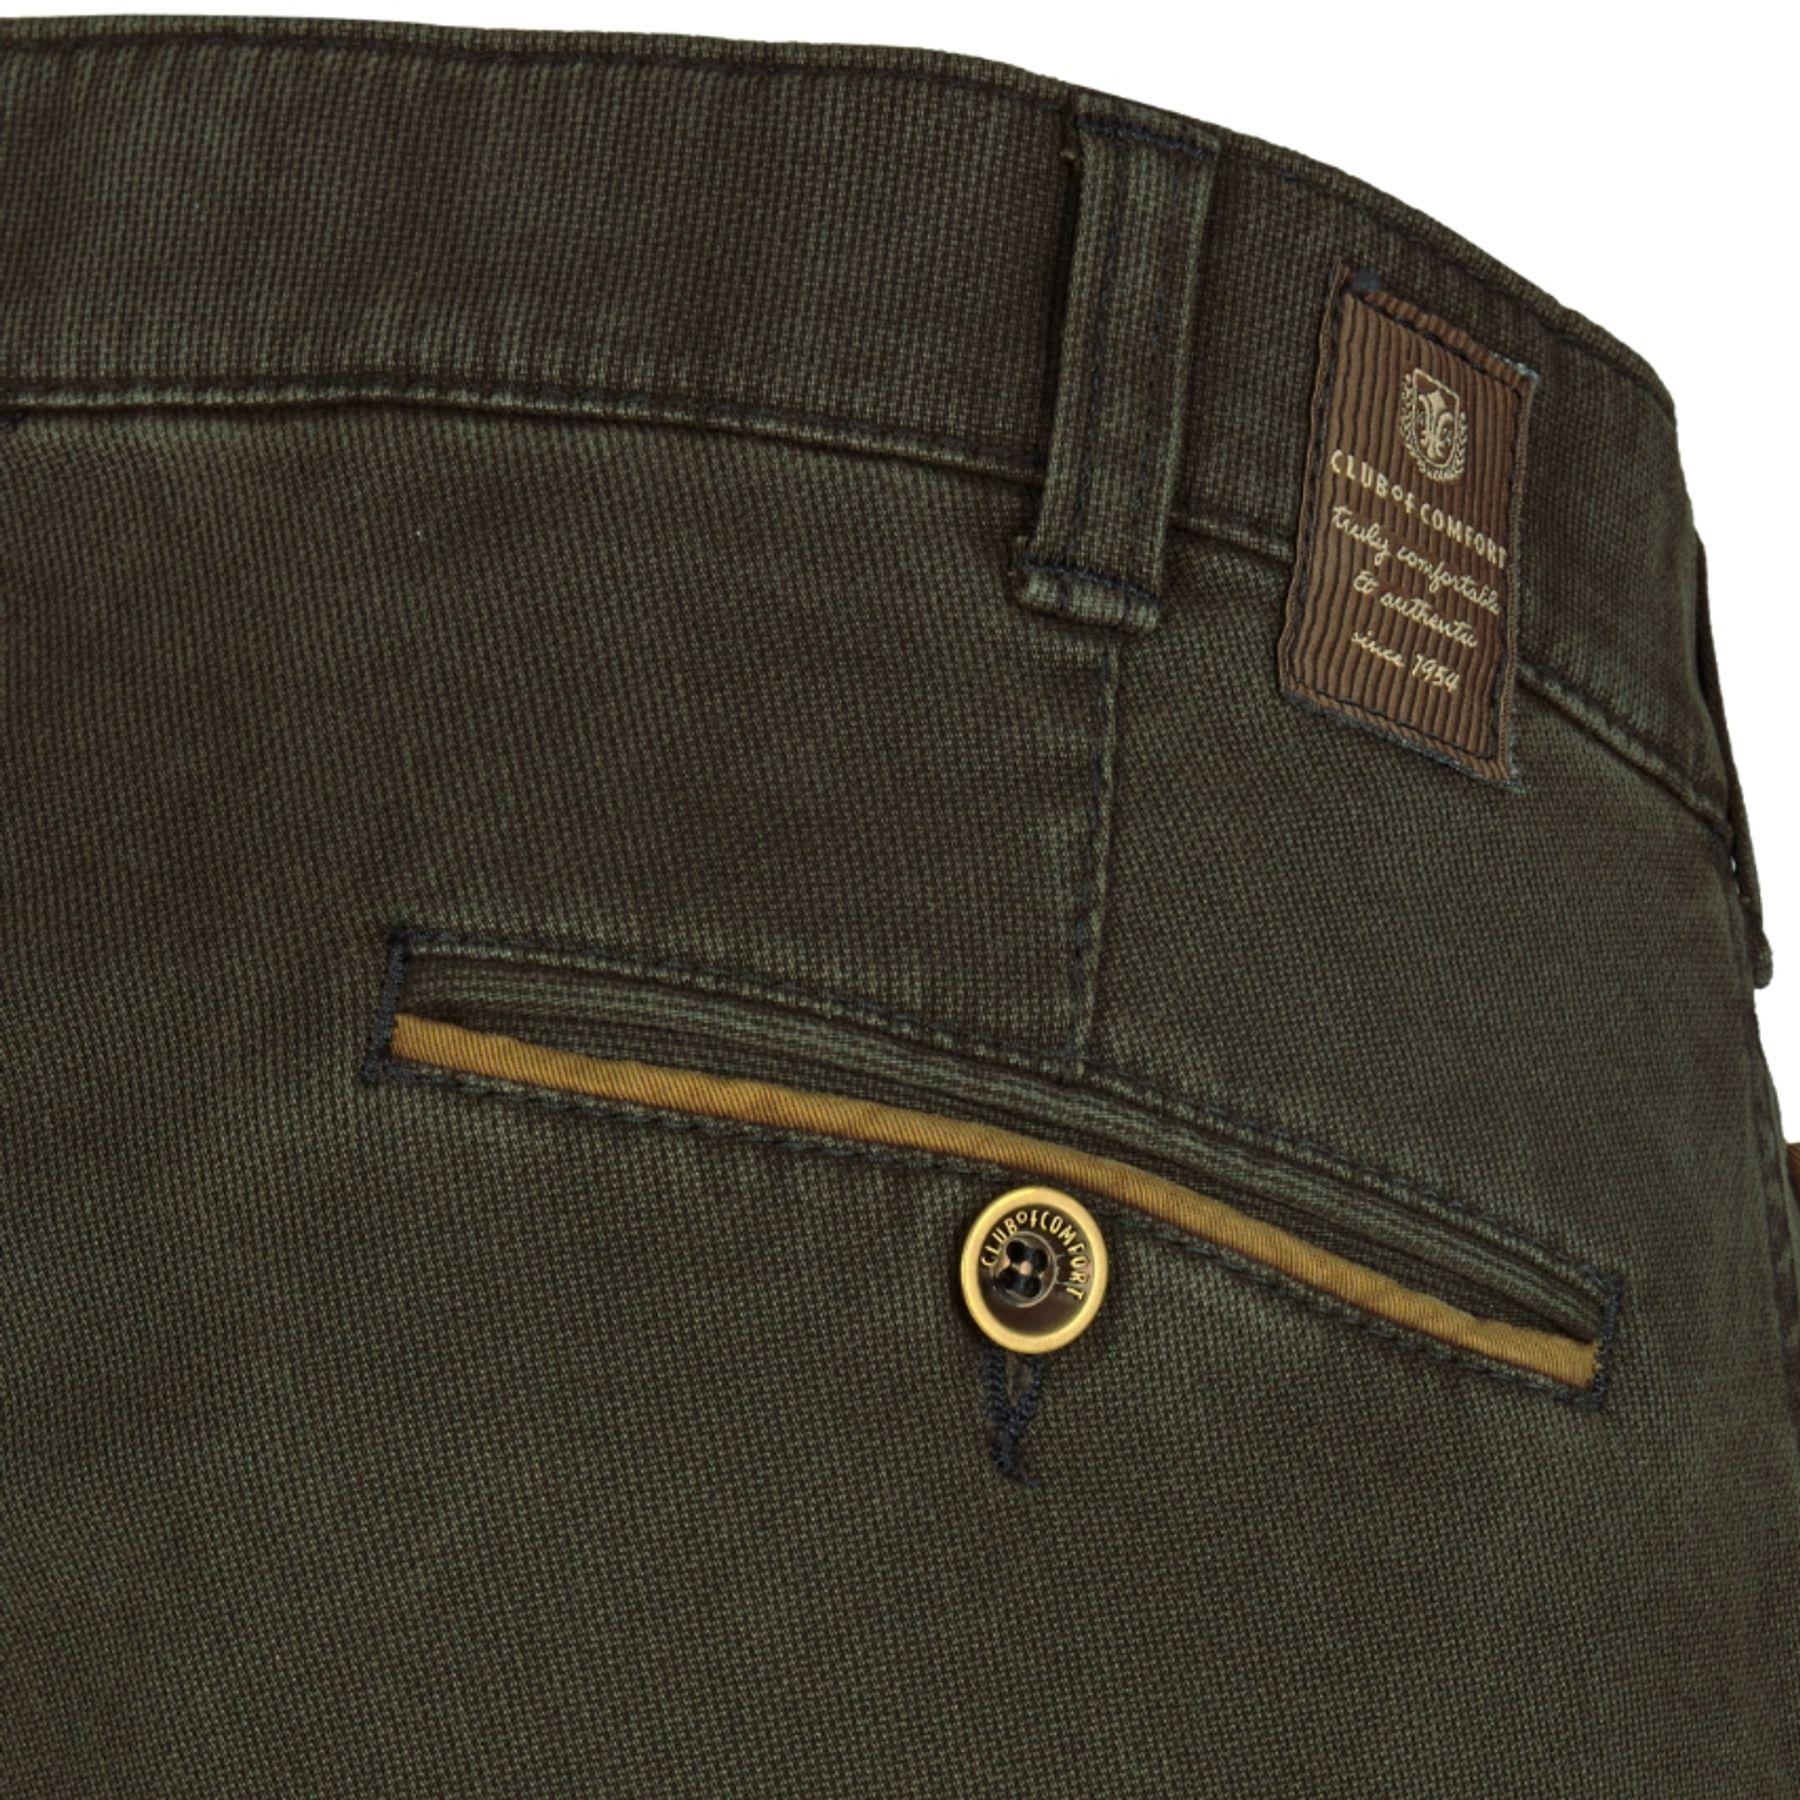 Club of Comfort - Herren Modifizierte Five-Pocket-Hose, Keno (6613) – Bild 9